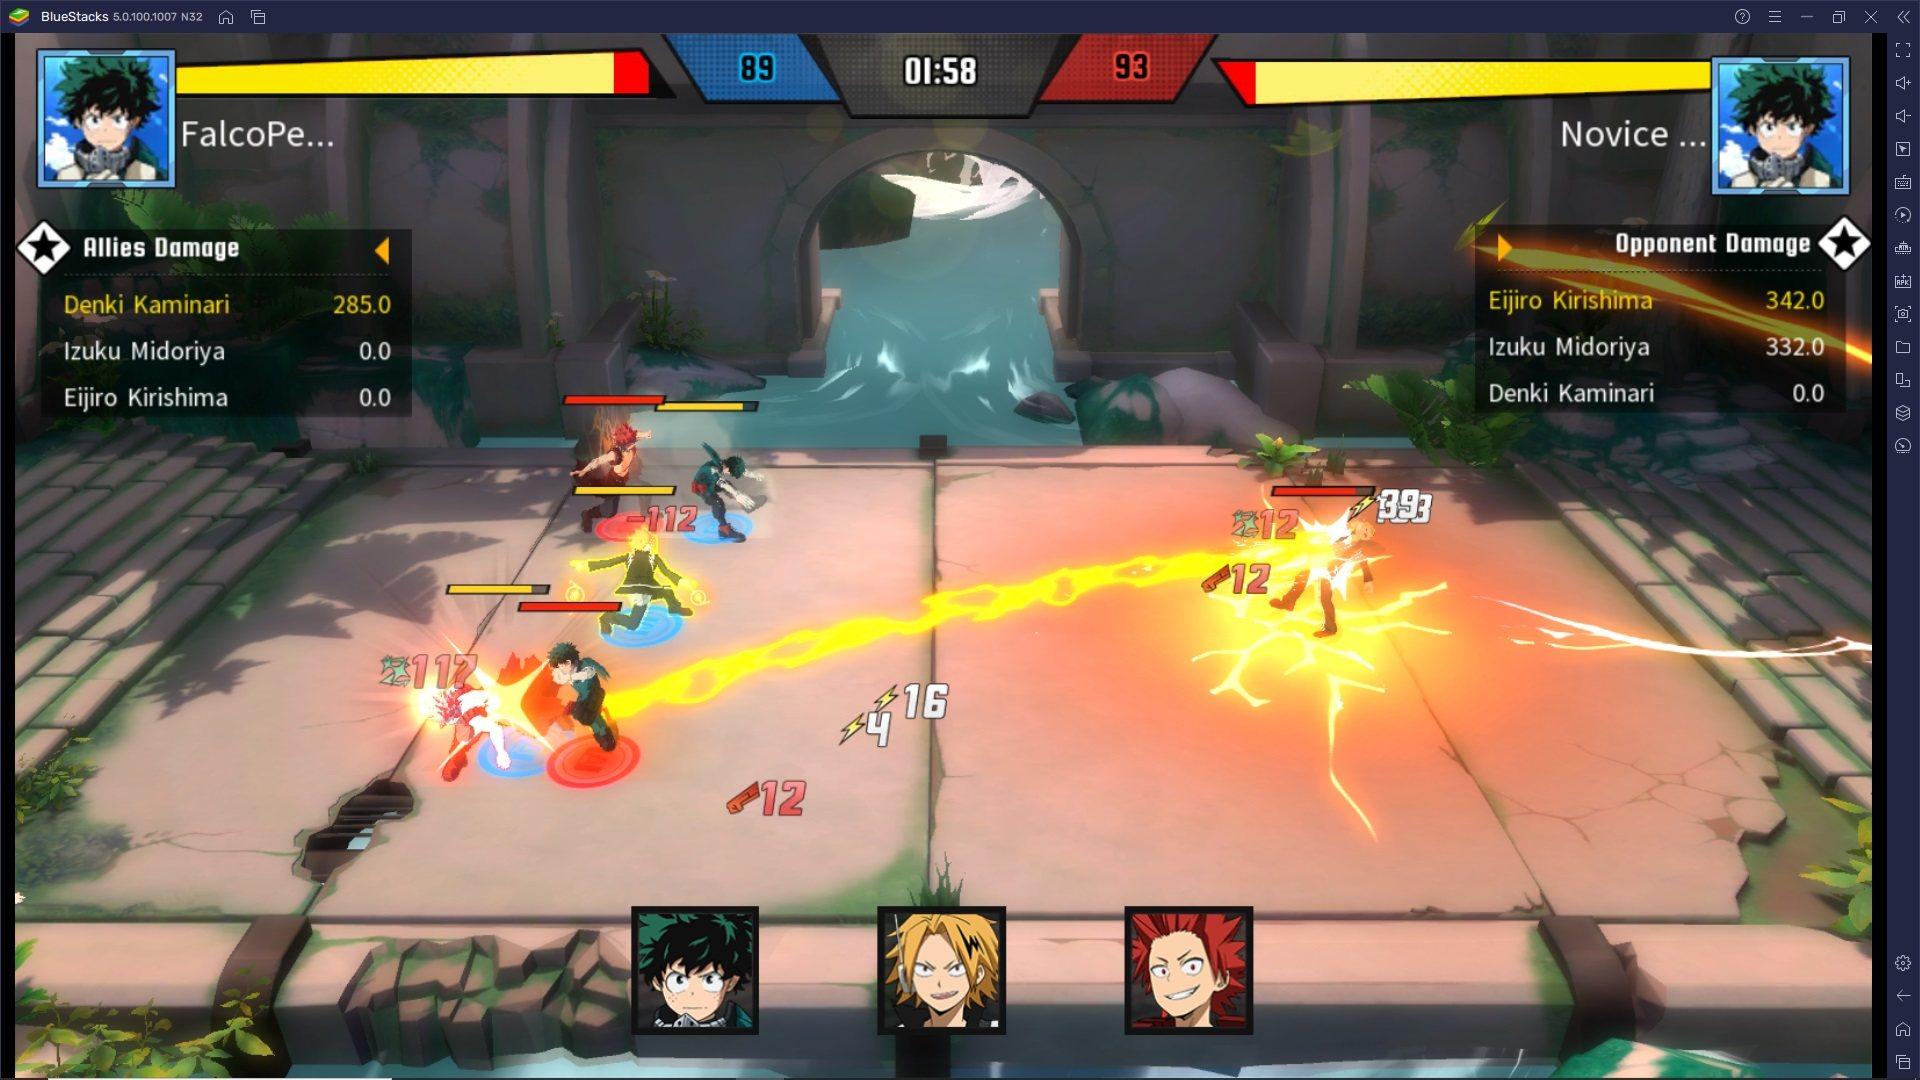 Prova subito My Hero Academia: The Strongest Hero con il nuovo BlueStacks 5